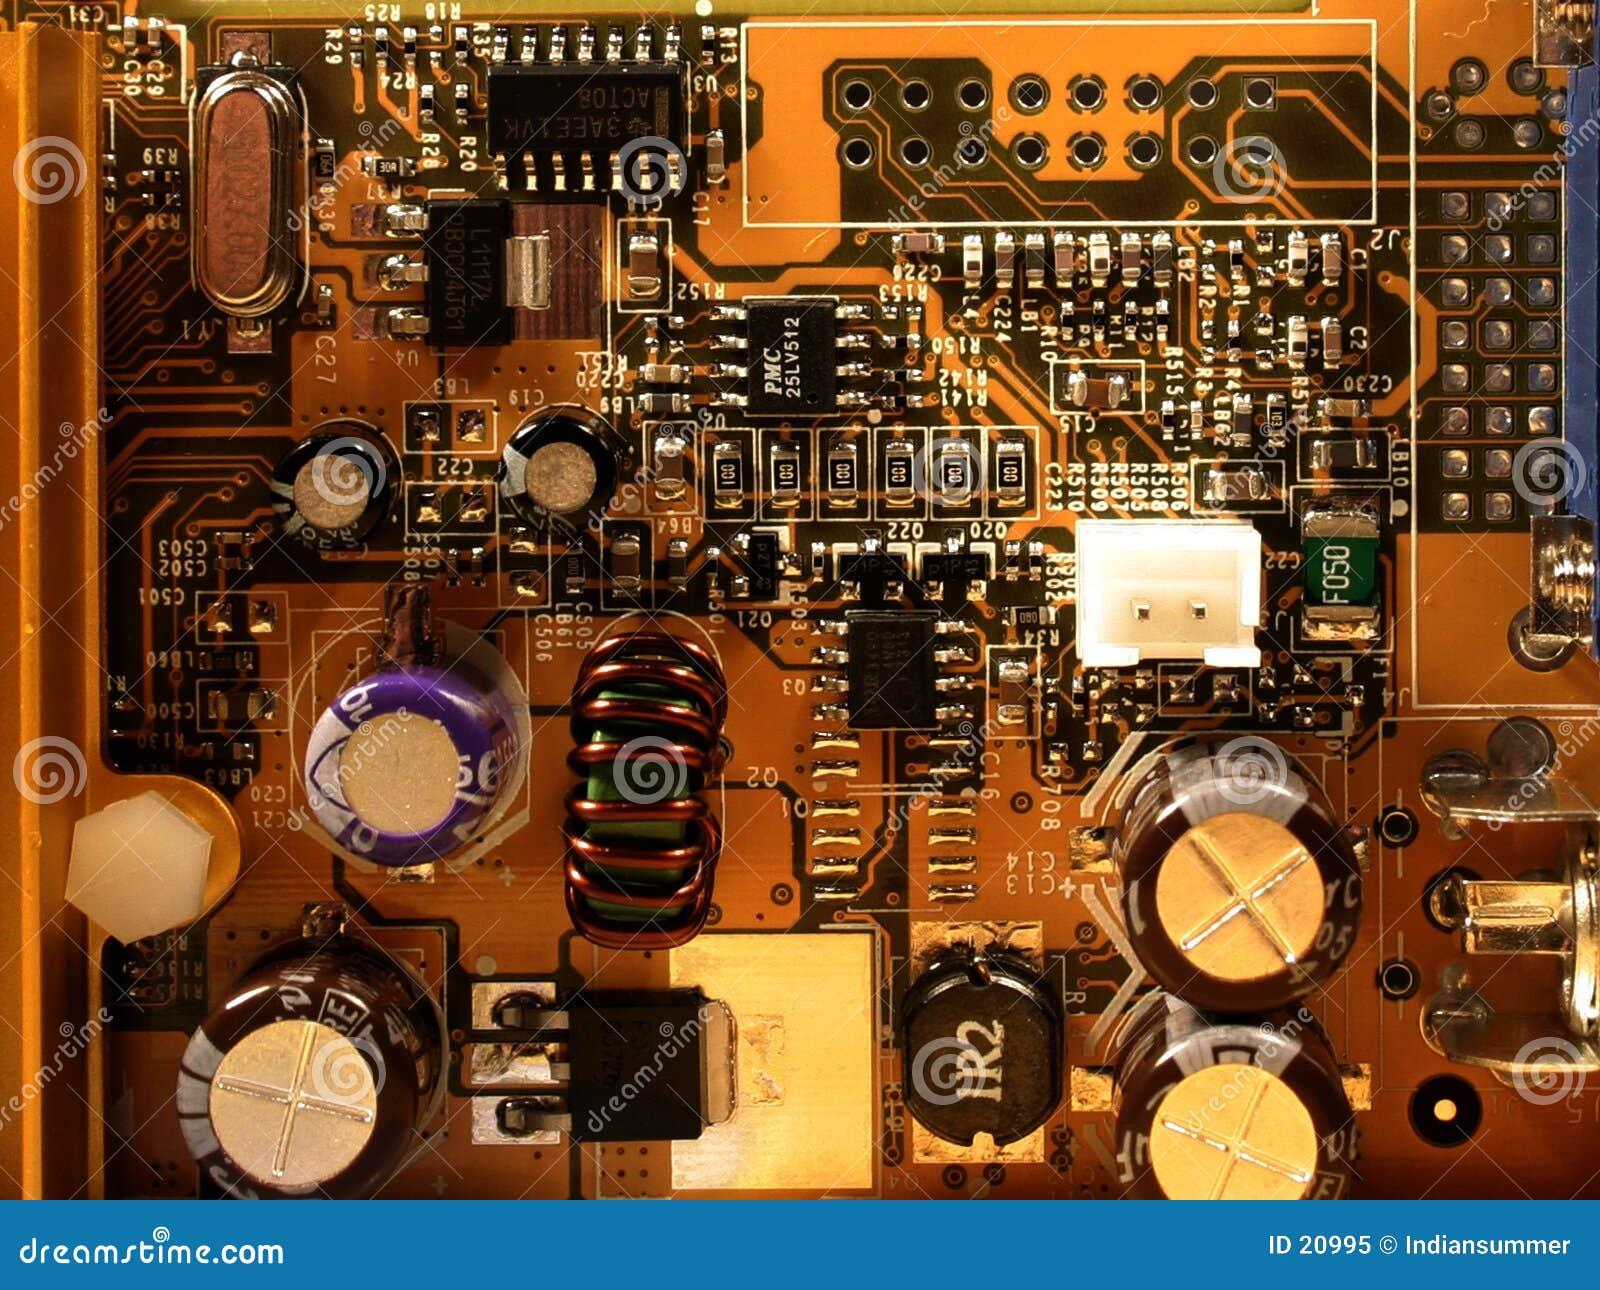 Microchipvideocard